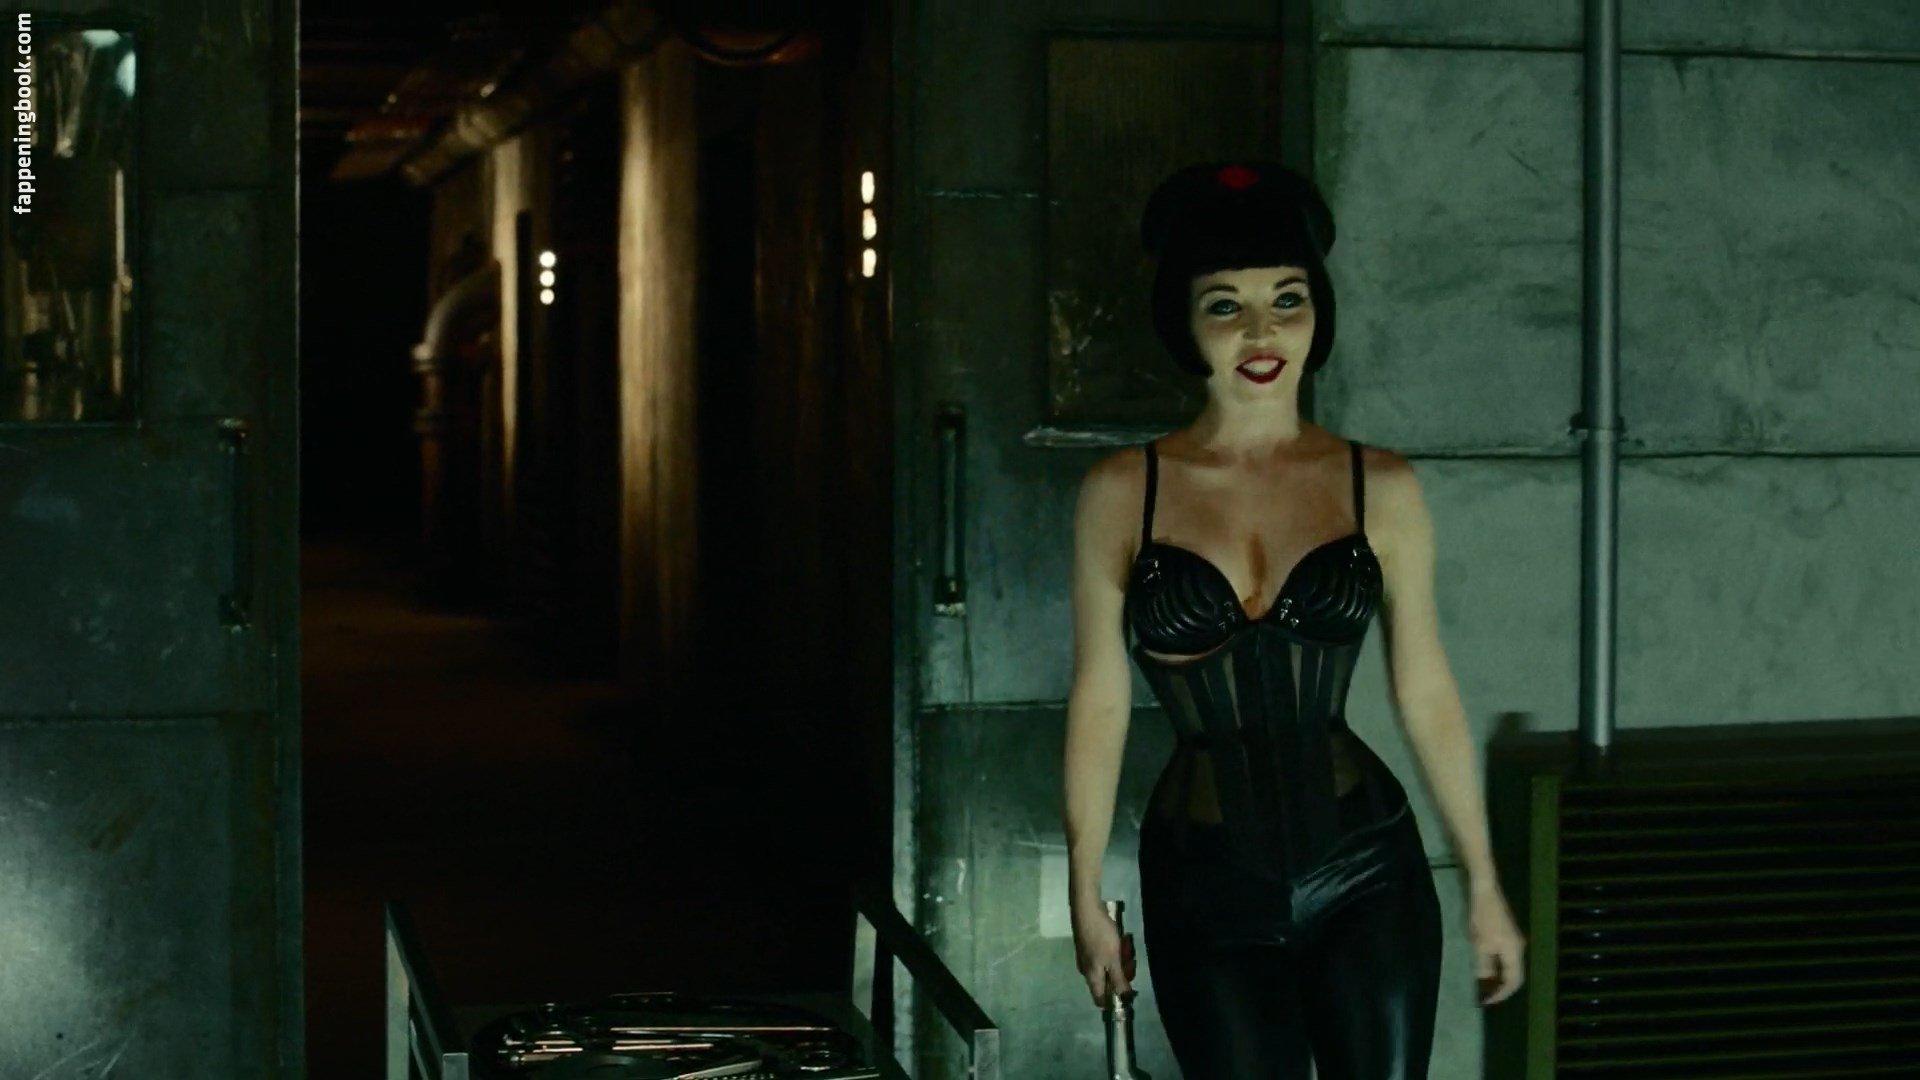 Marama Corlett Nude, Sexy, The Fappening, Uncensored